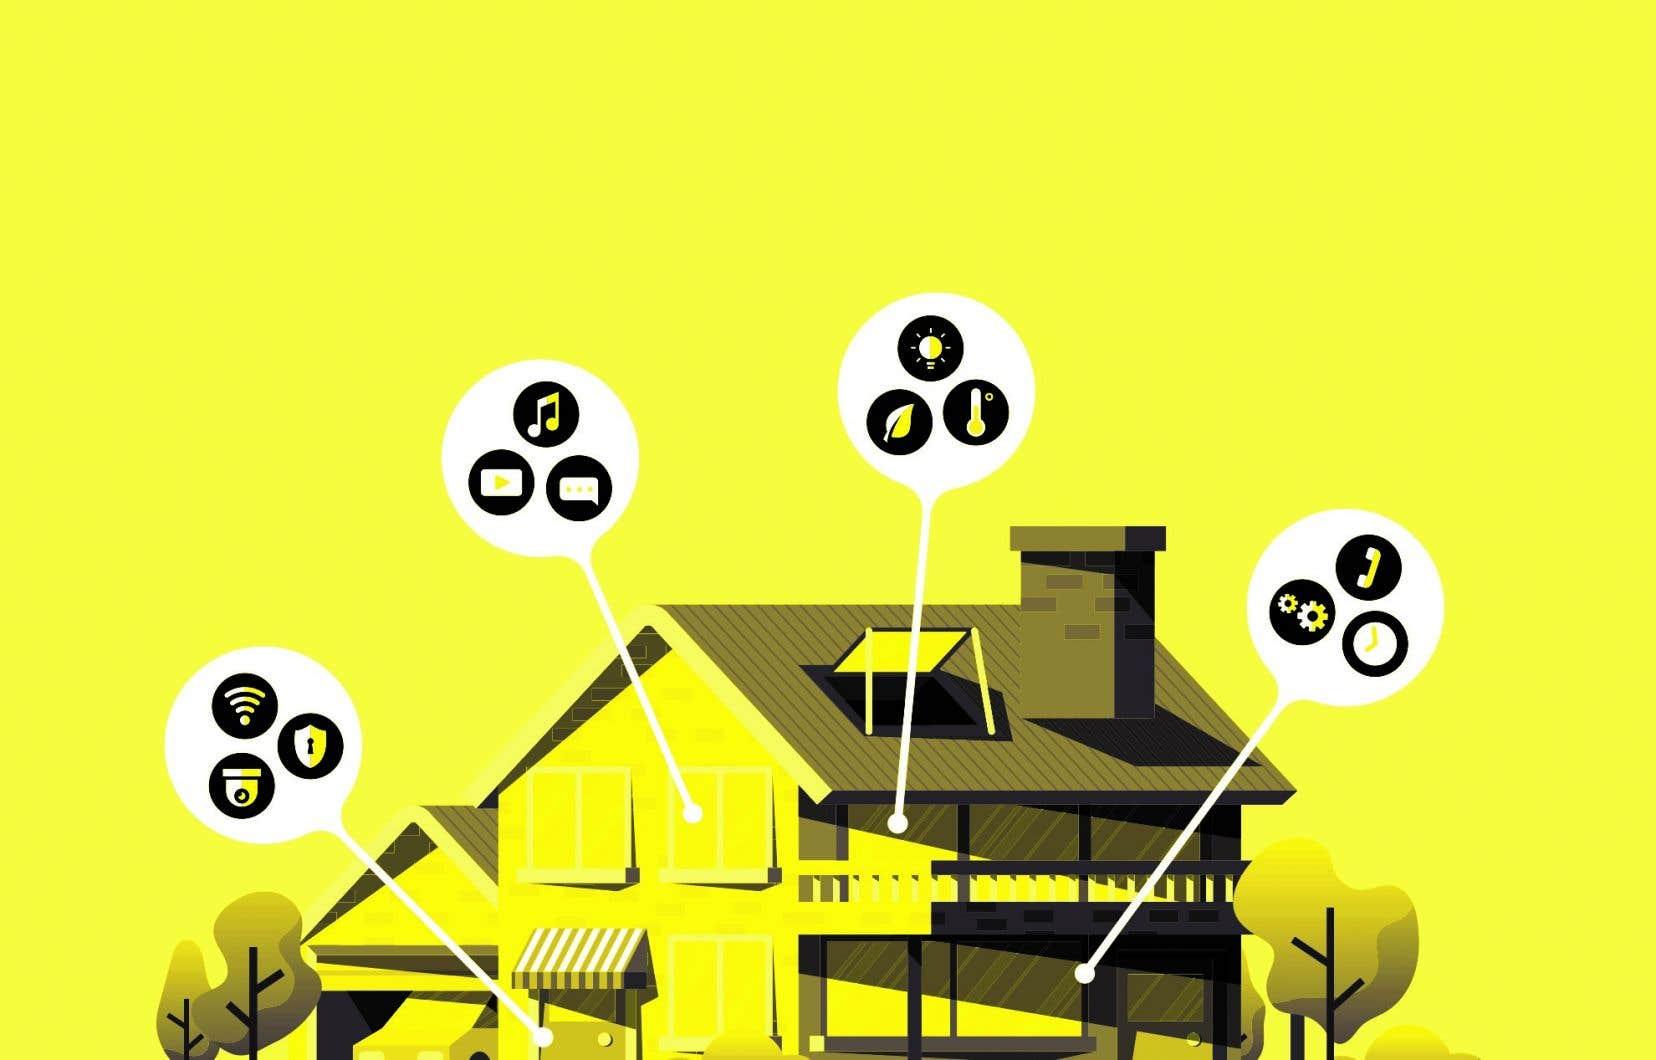 Grâce à des capteurs, la maison peut reconnaître et prédire quelques activités domestiques quotidiennes, afin de réduire la consommation d'énergie et de rendre les bâtiments sécuritaires.